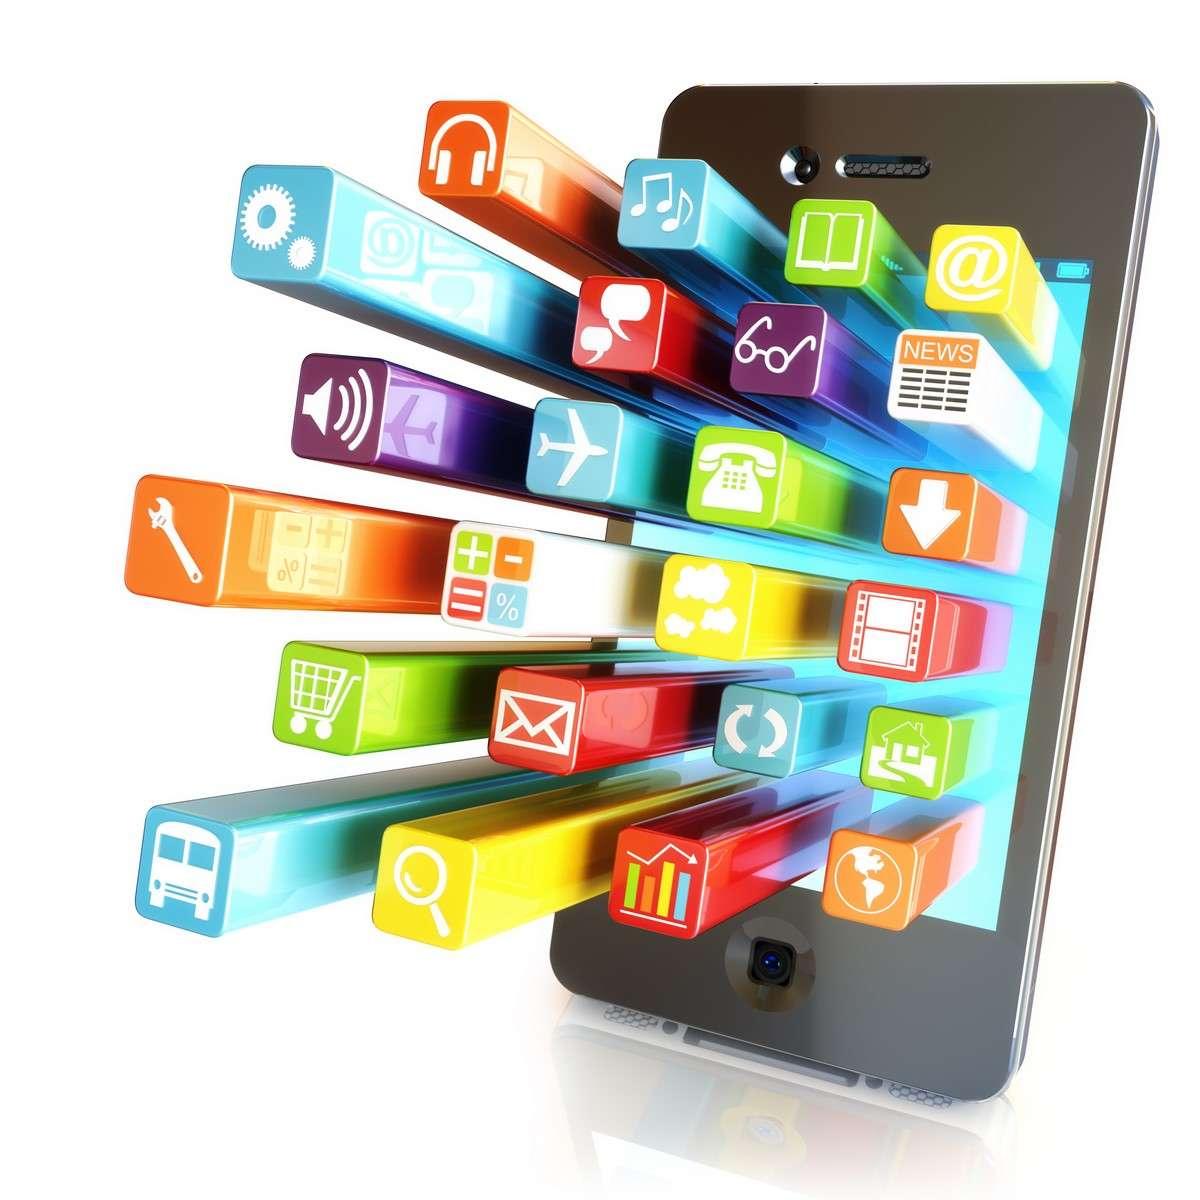 Par défaut, Android déclenche automatiquement la mise à jour d'une application mobile ou d'un jeu dès qu'elle est disponible. © Digital Storm, Shutterstock